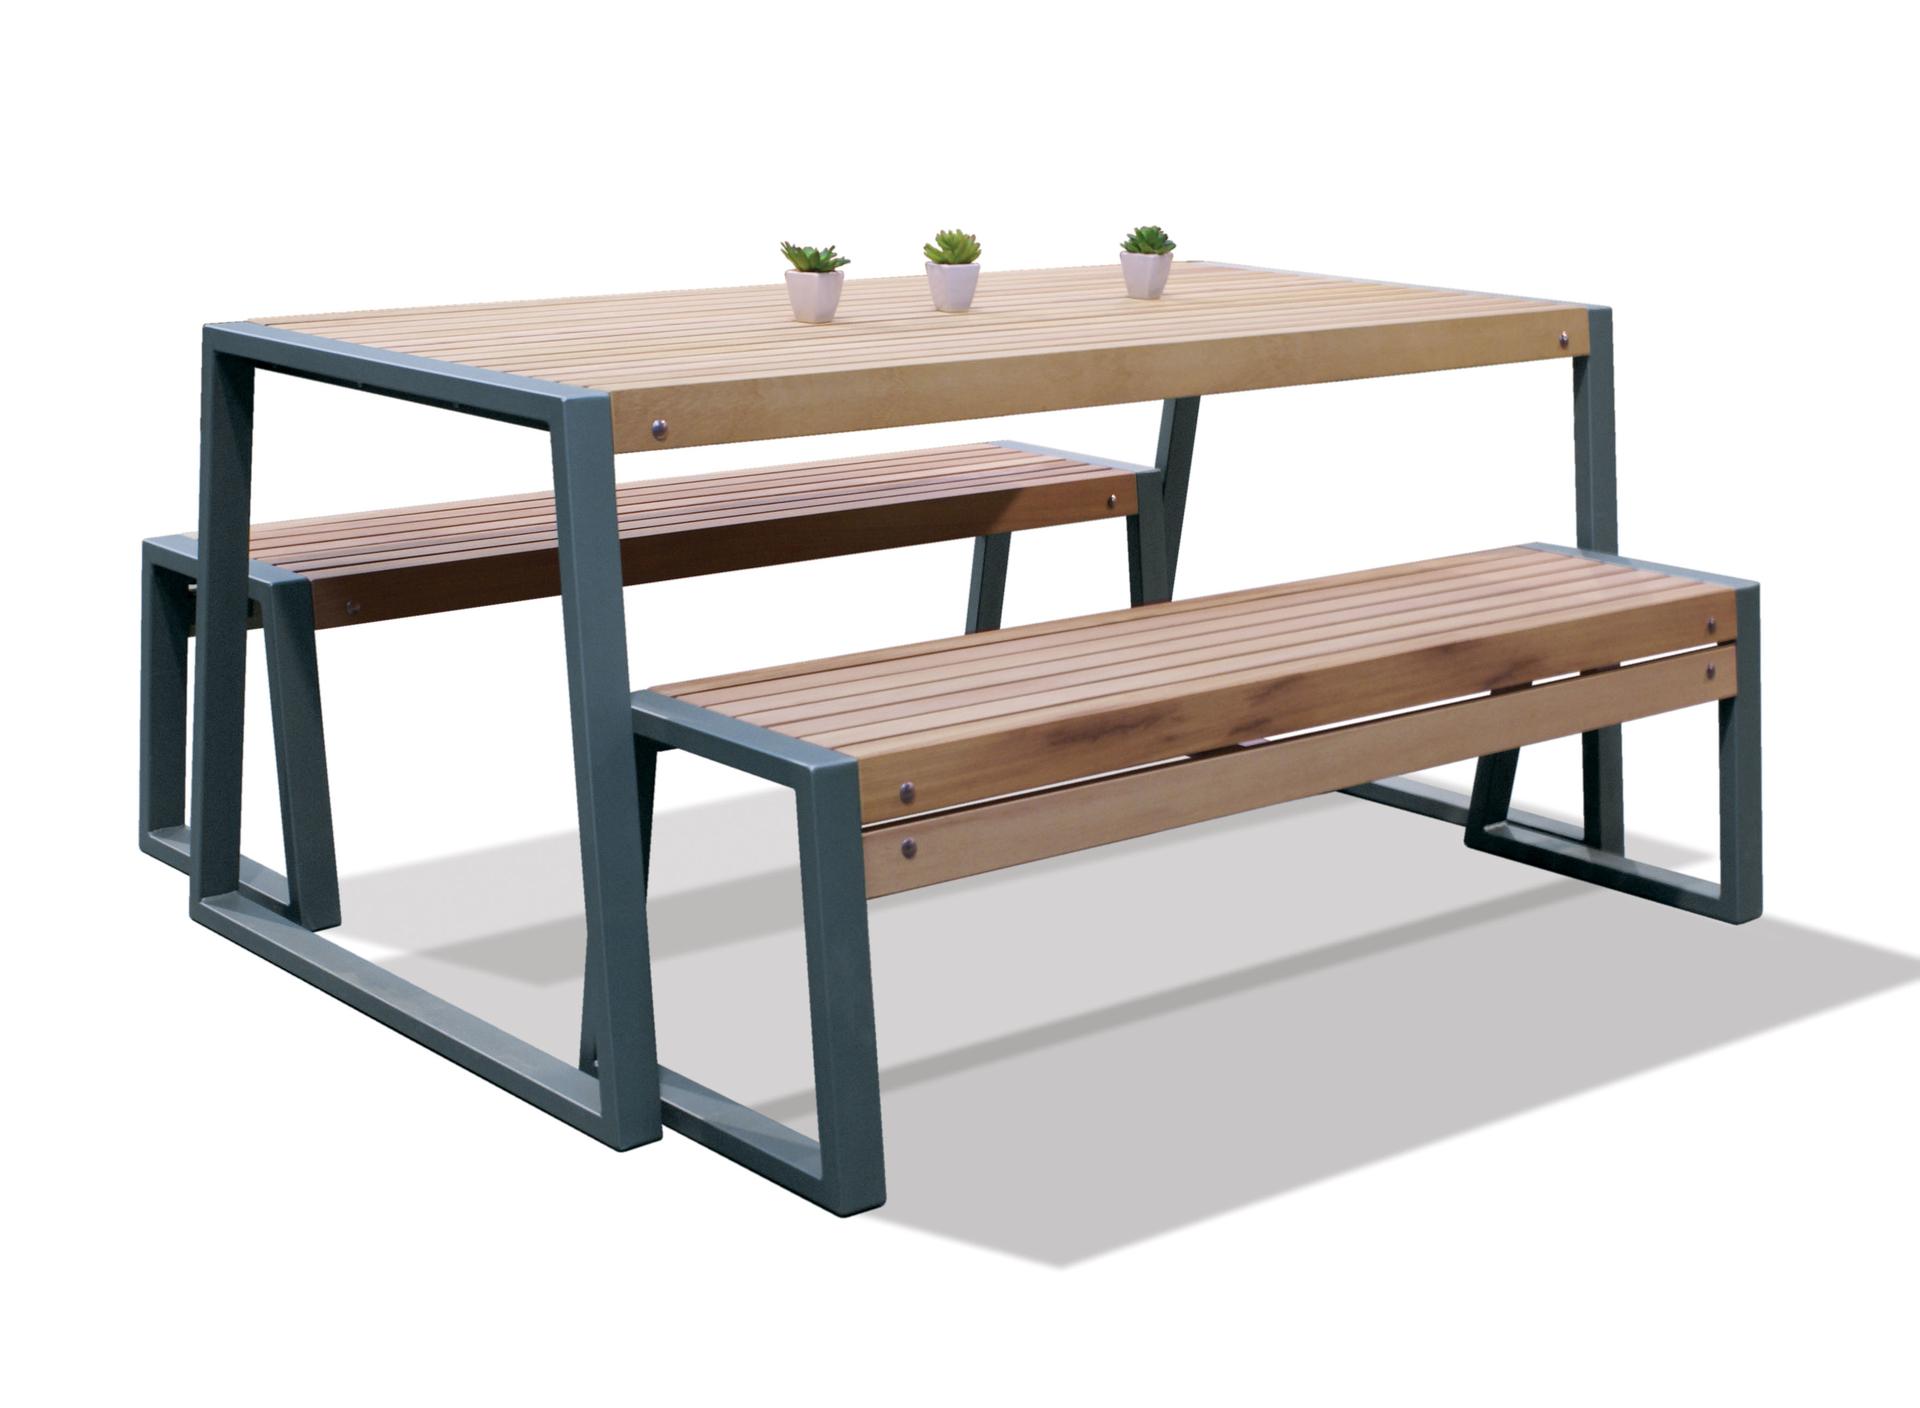 loungeset 180 cm loungeset 2017. Black Bedroom Furniture Sets. Home Design Ideas